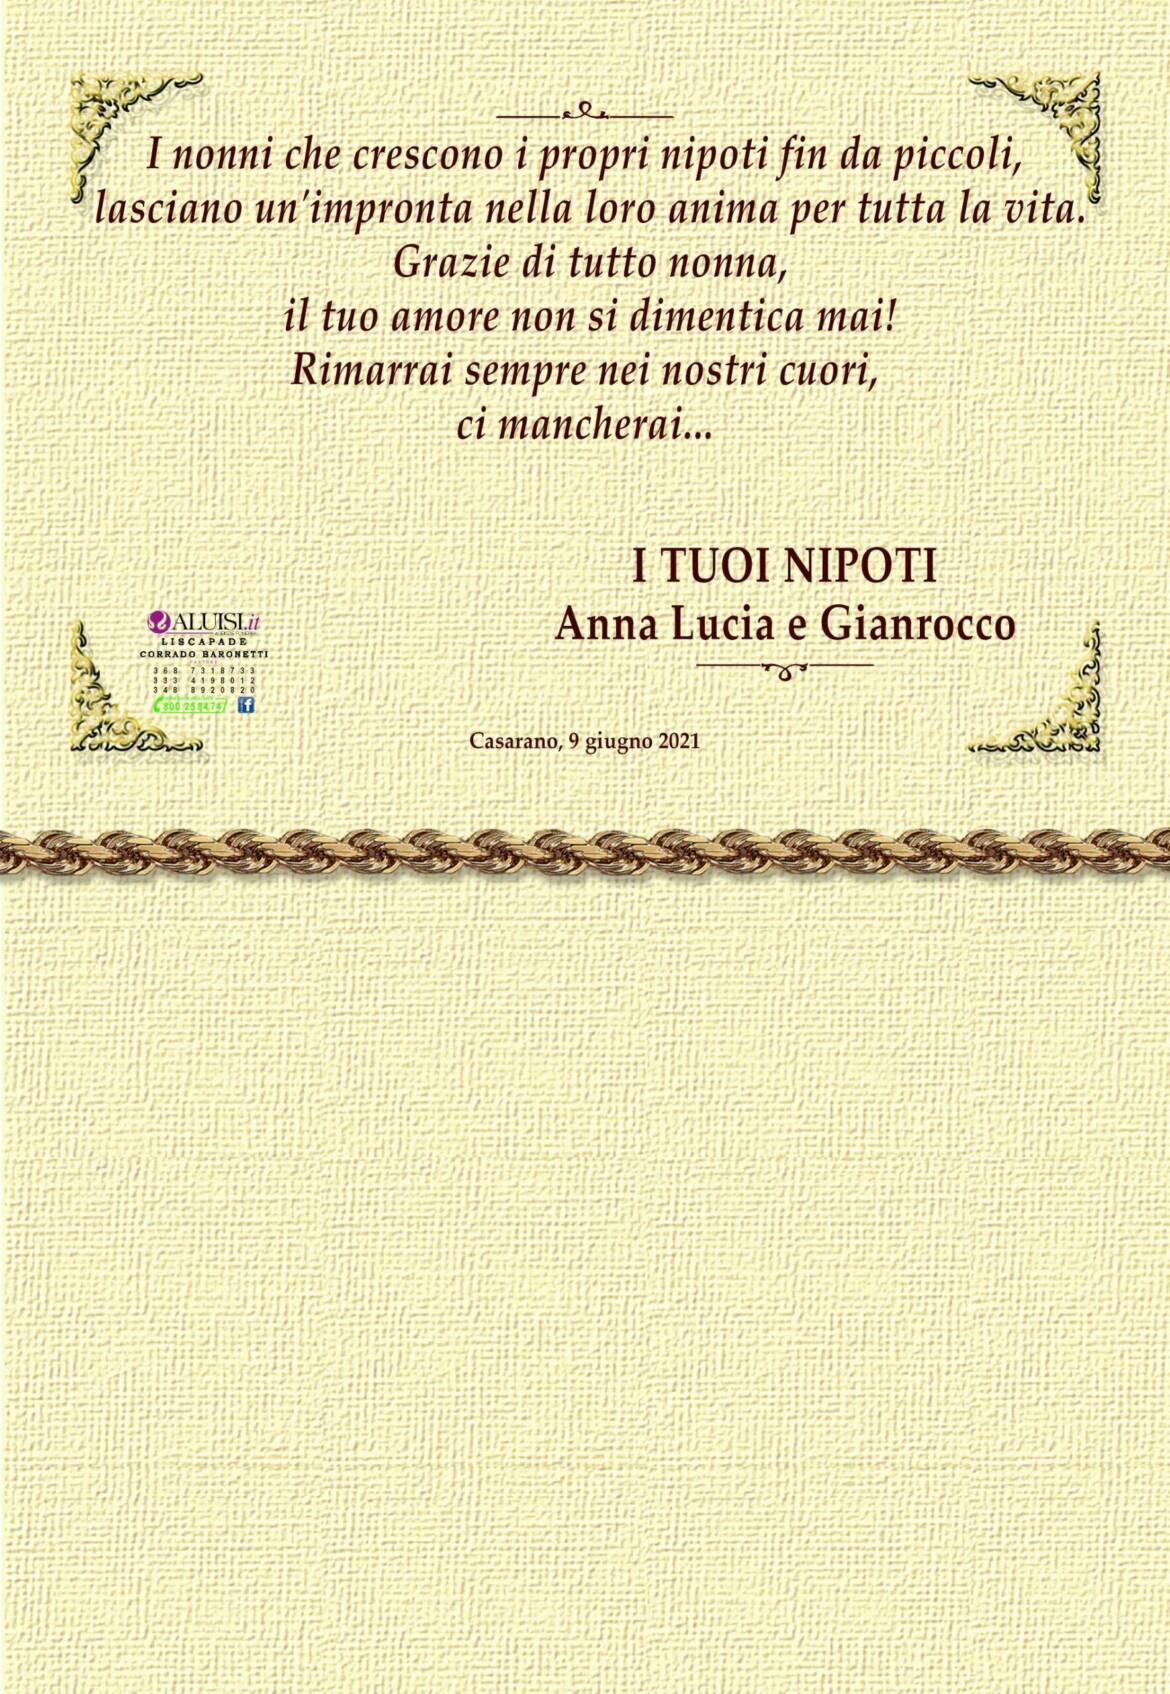 partceipazione-agata-corsano-casarano-scaled.jpg